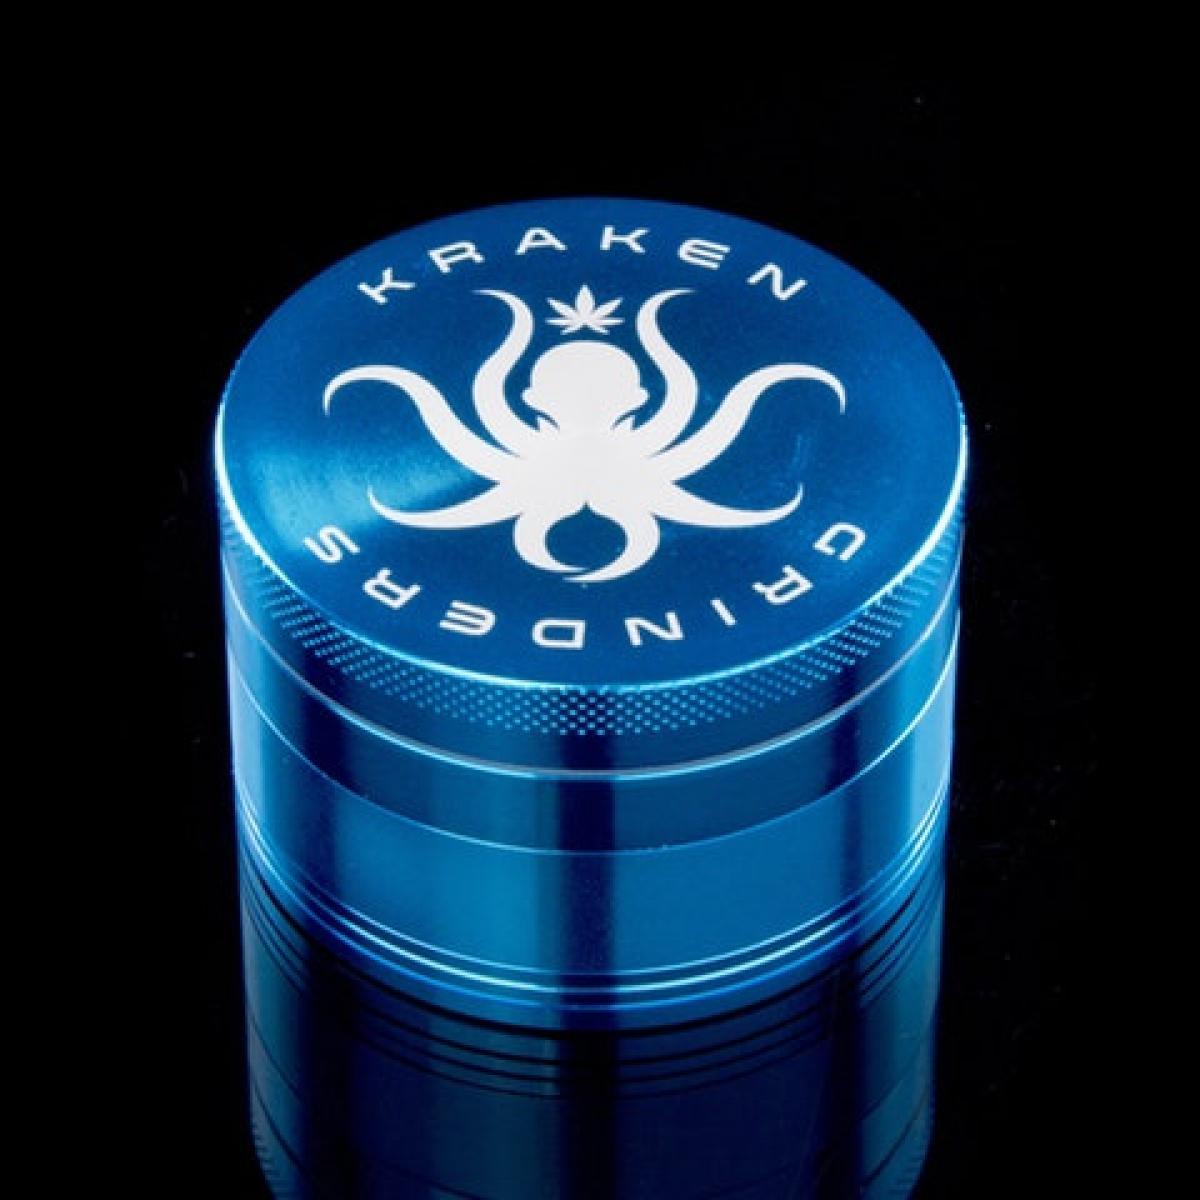 Kraken 2.5 inch Solid Color 4-part Grinder